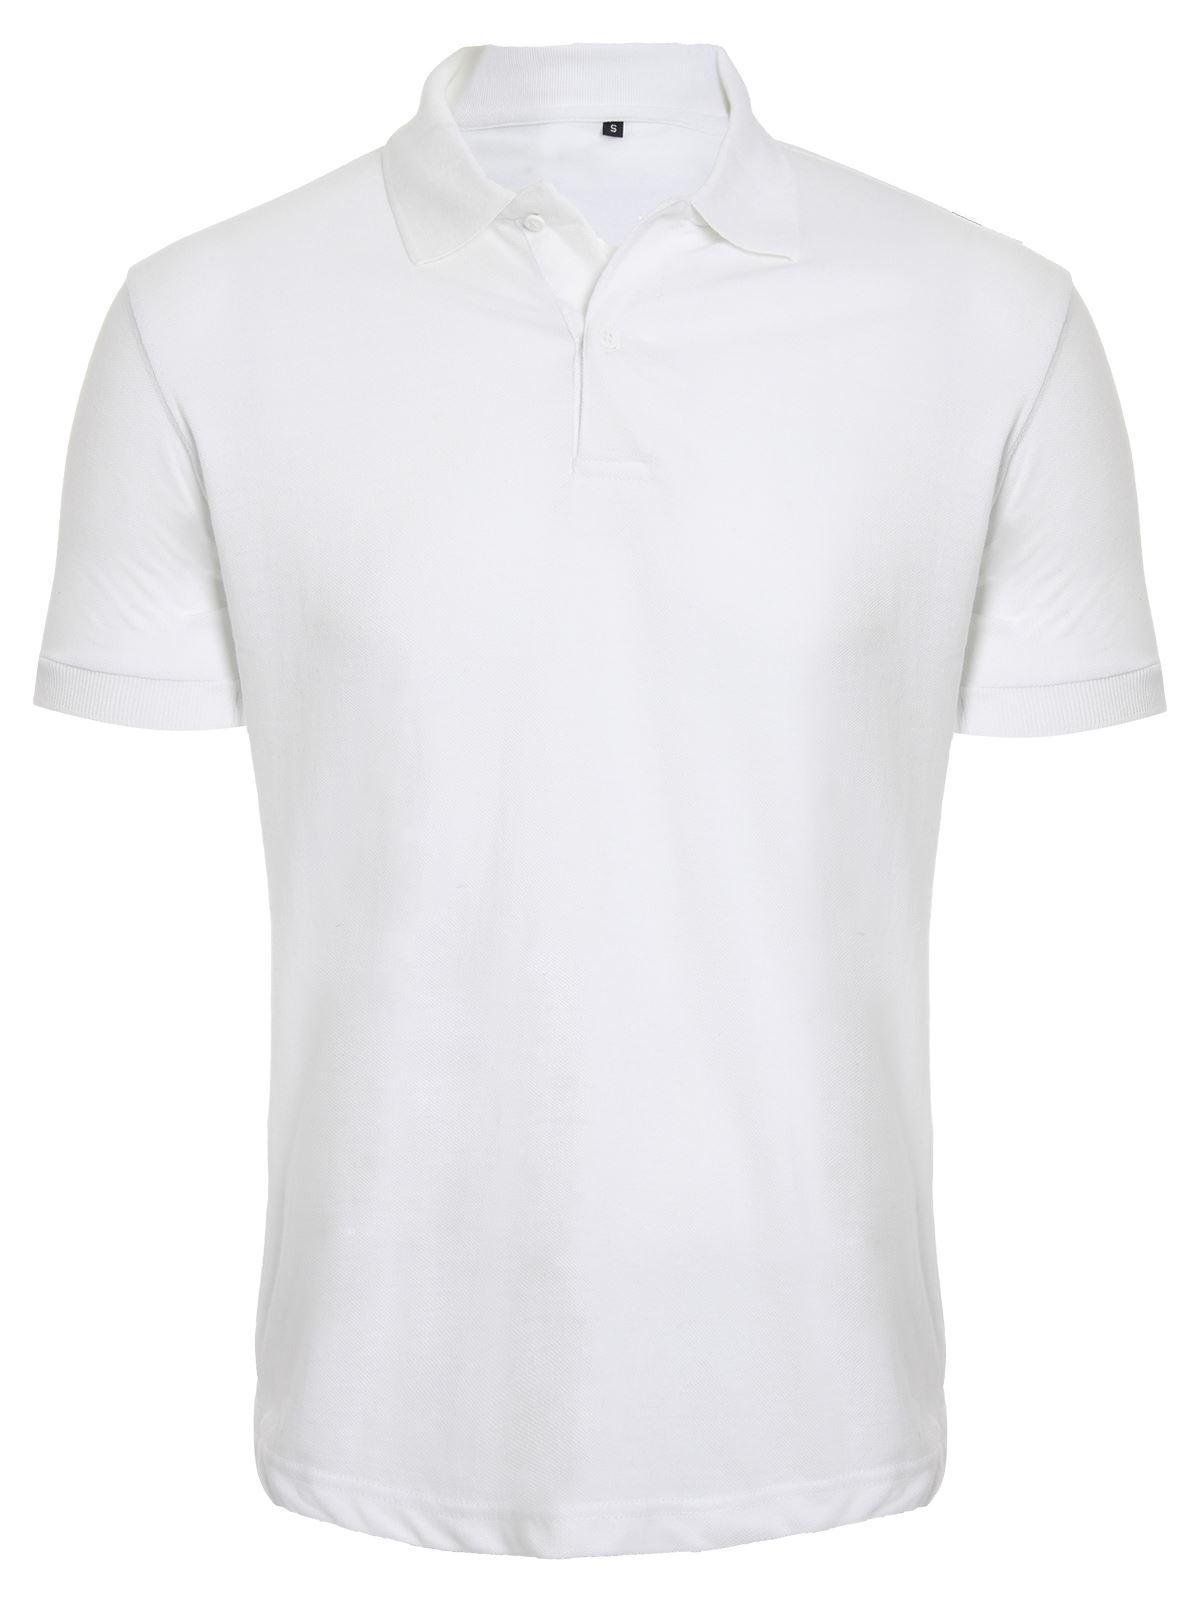 Best work shirt deals